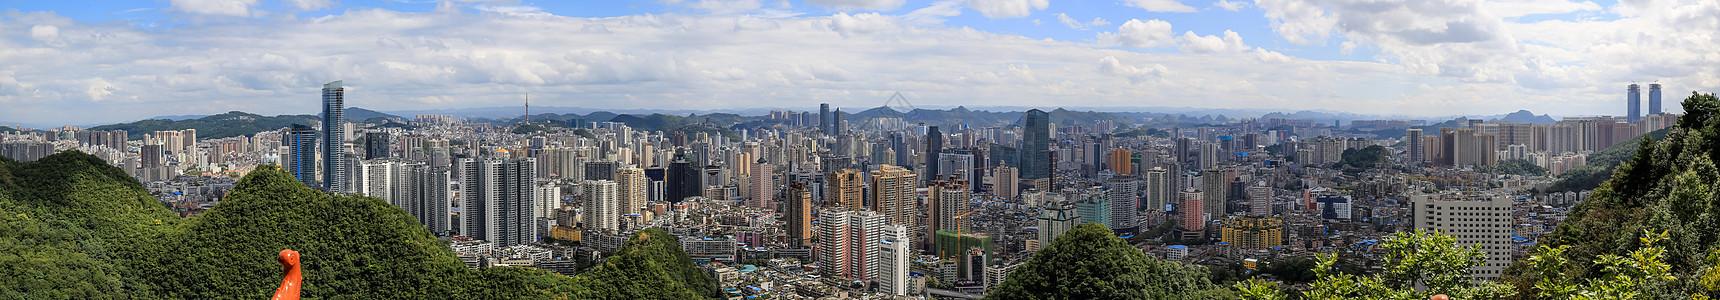 贵阳城市全景图图片